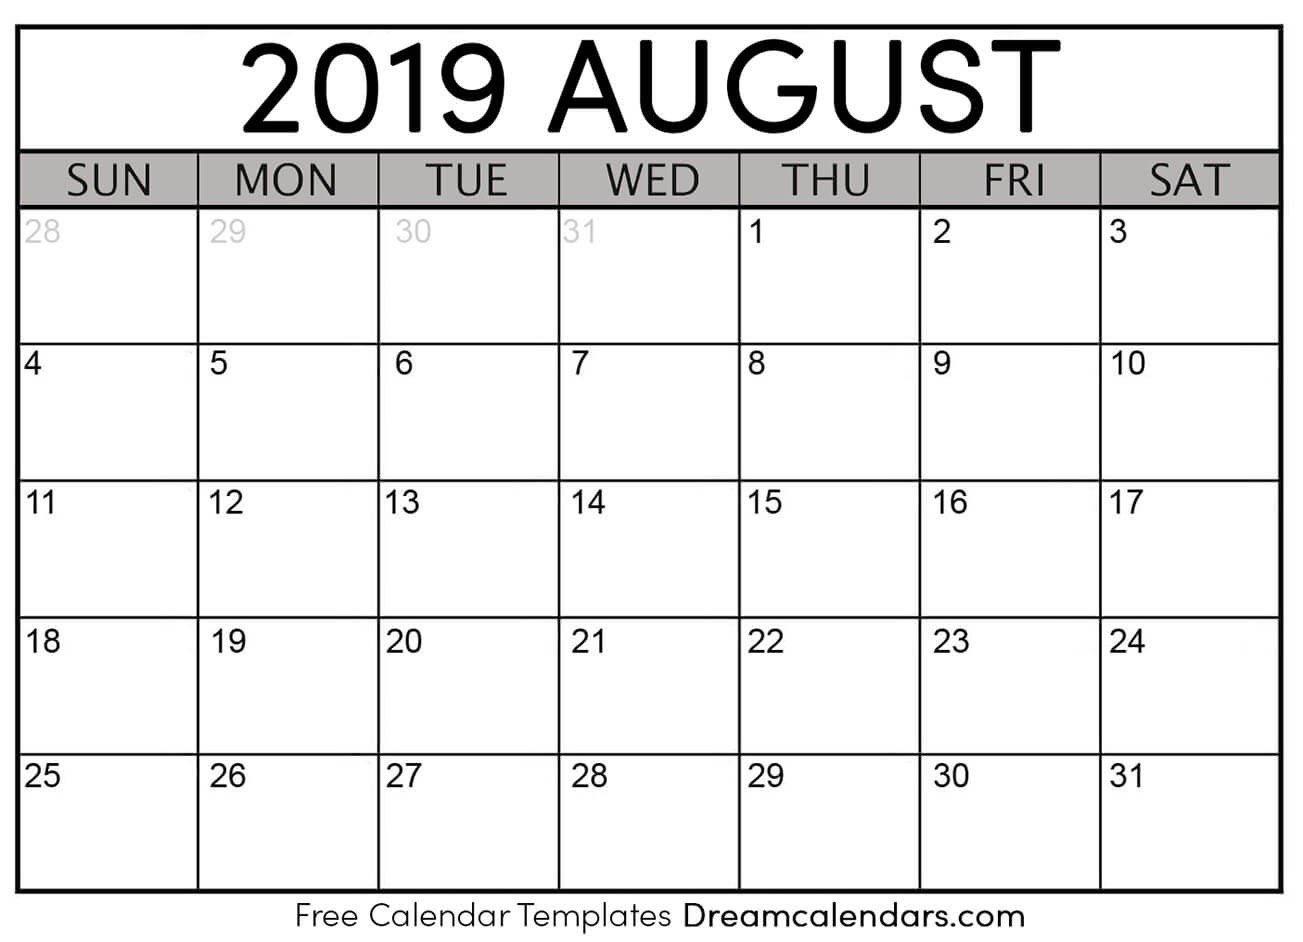 Printable August 2019 Calendar Templates - Helena Orstem - Medium August 1 2019 Calendar